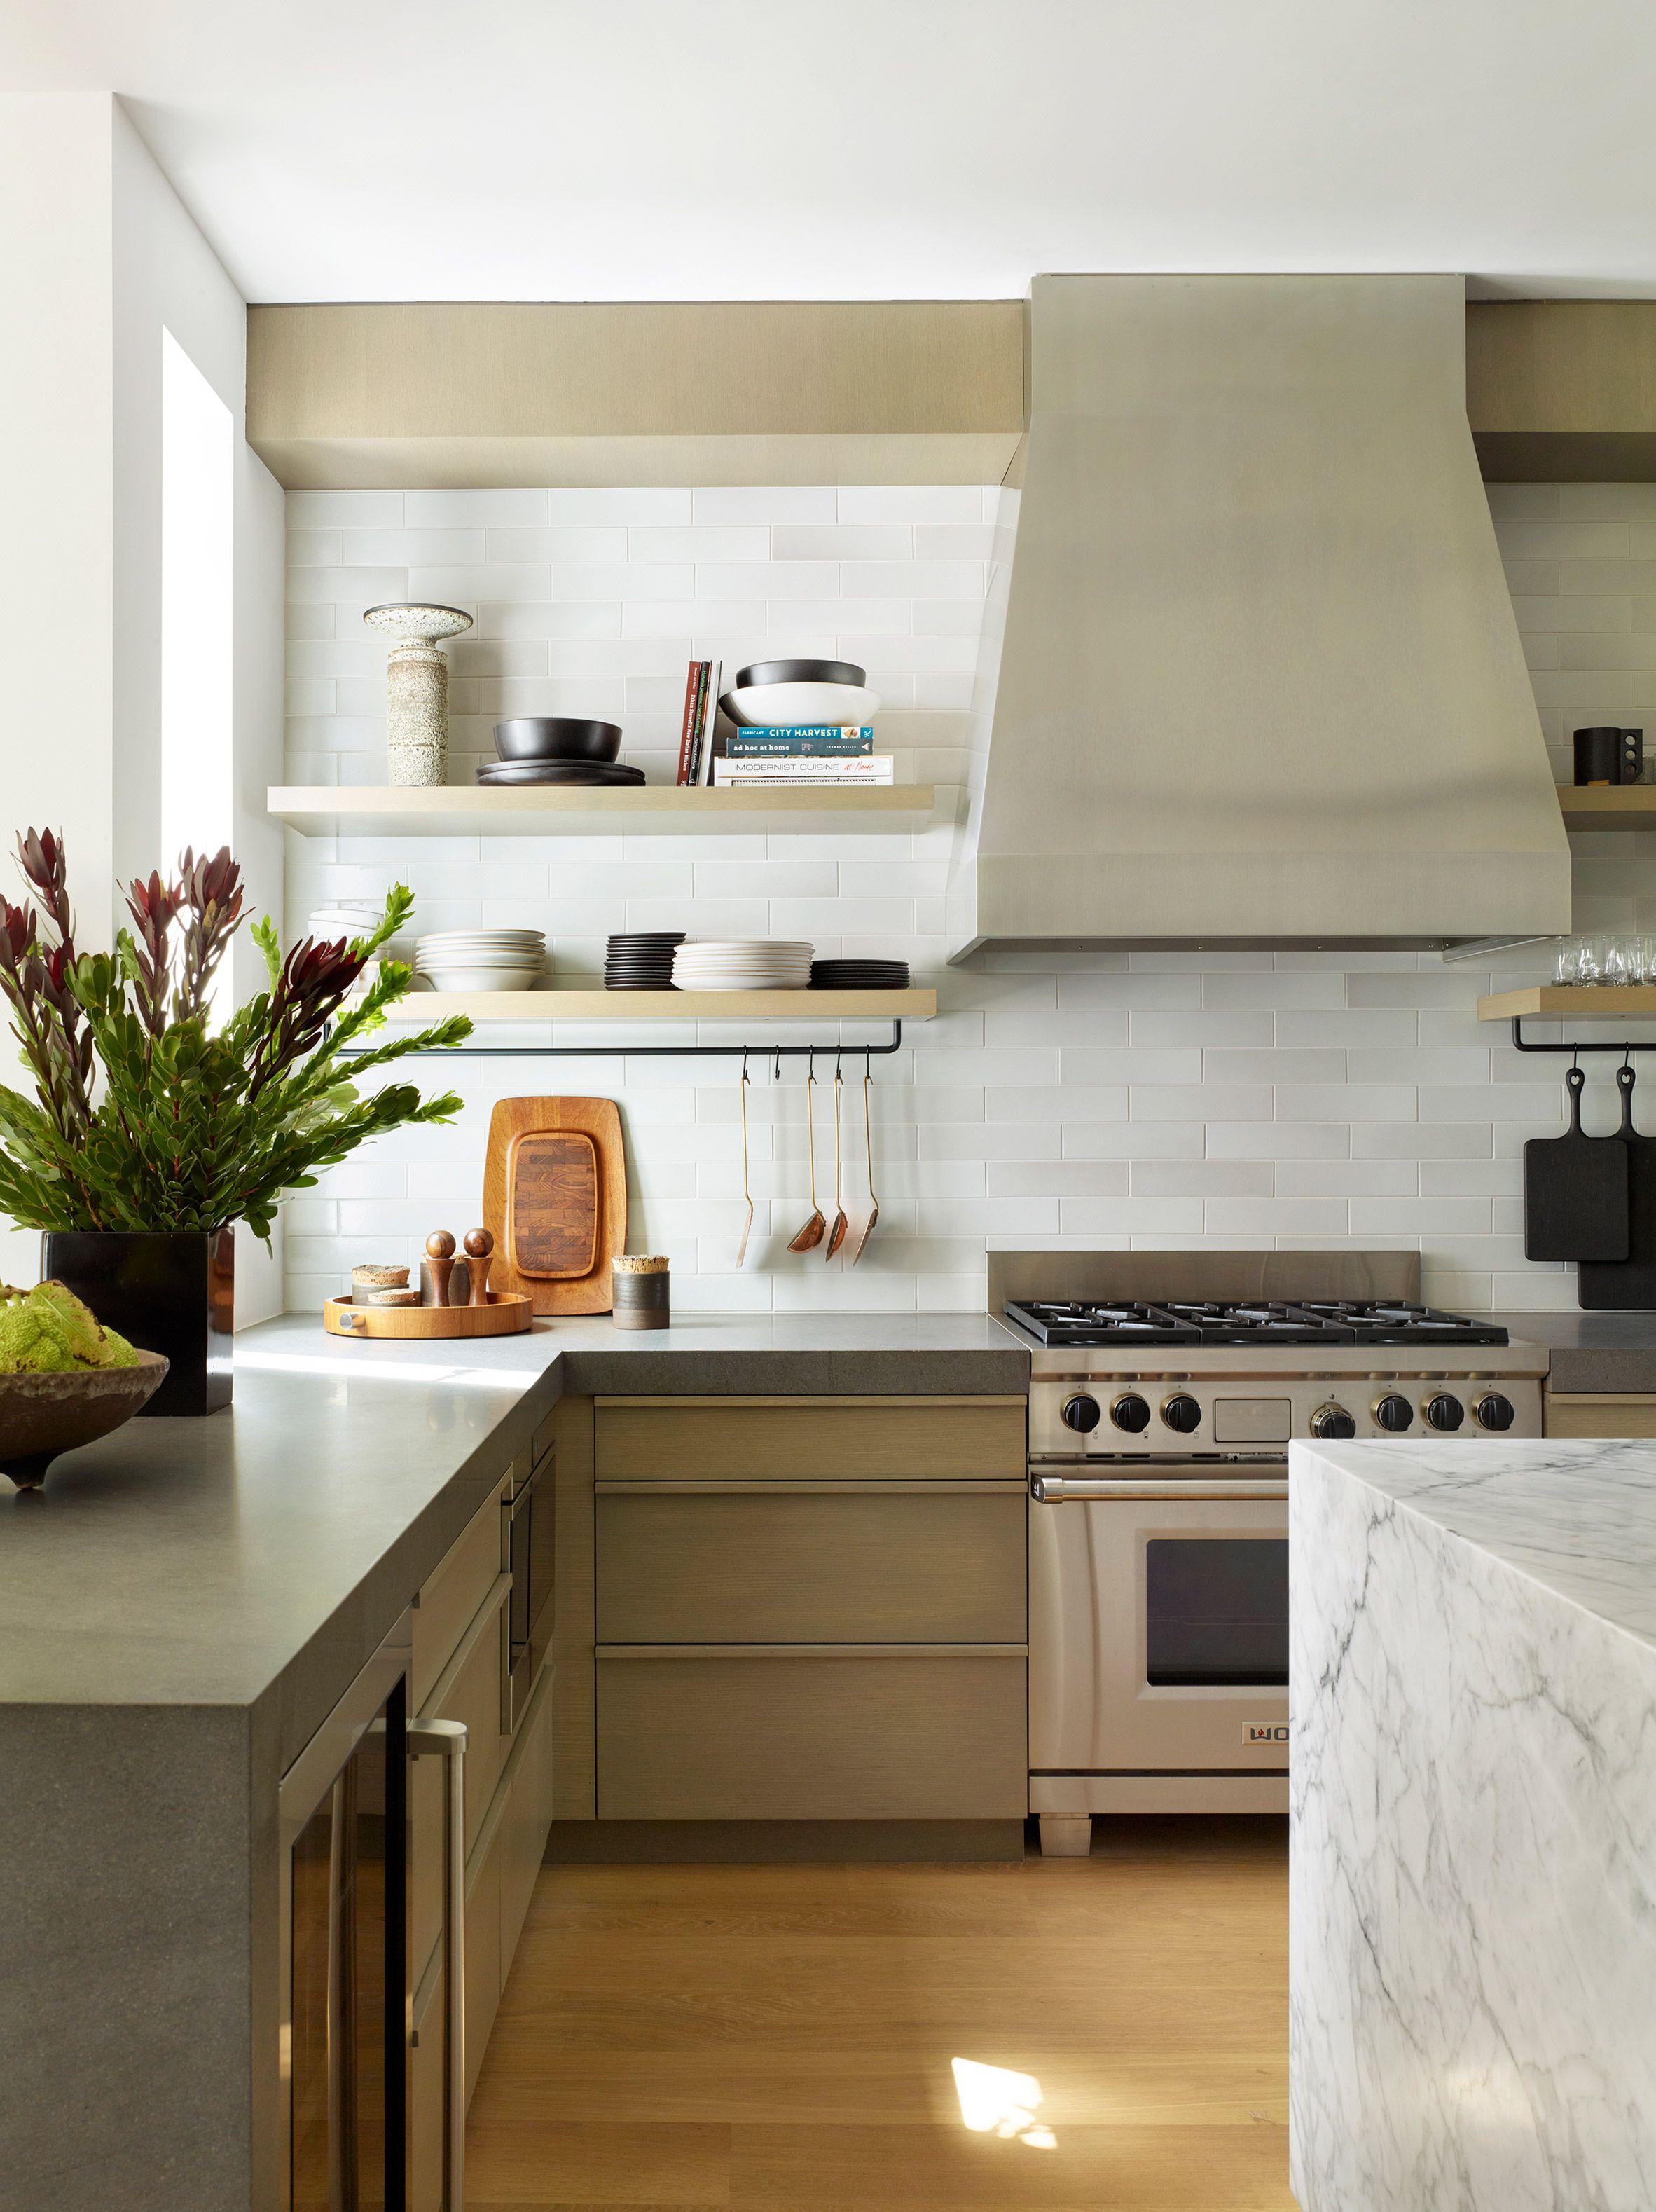 pin by isabel lugo on cocinas kitchen design kitchen kitchen trends rh pinterest ca